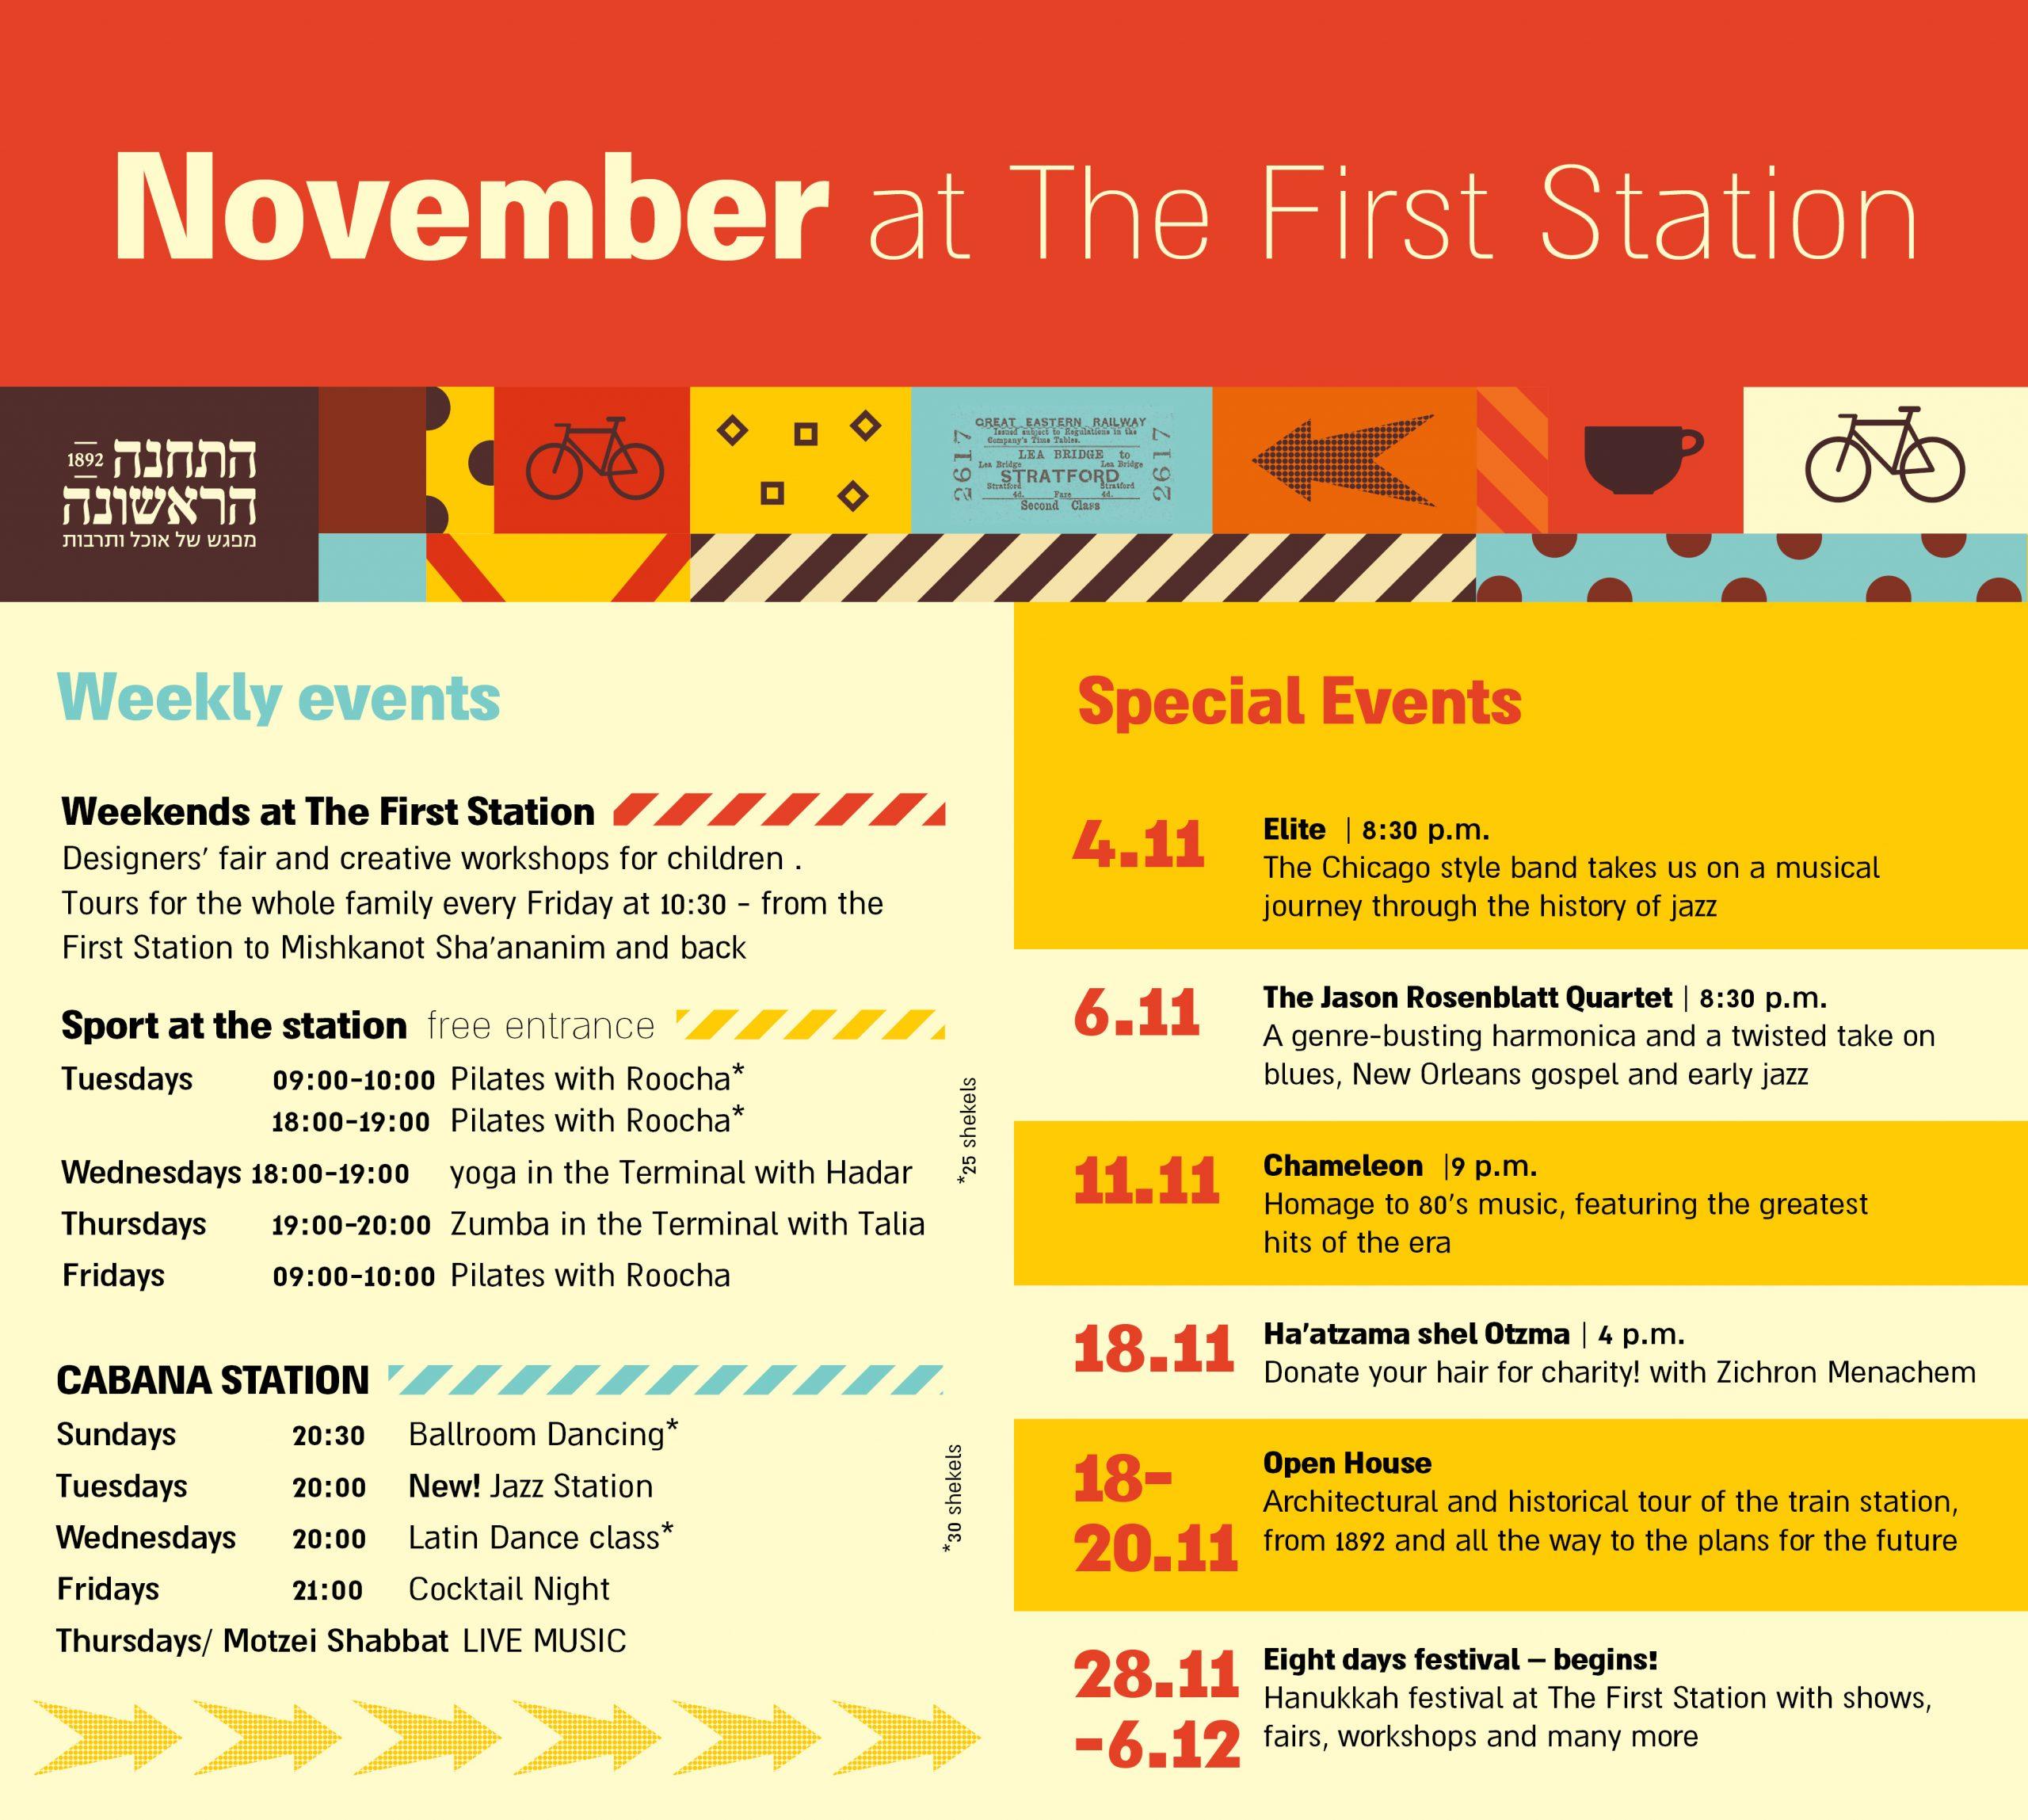 November at The First Statino Juerusalem